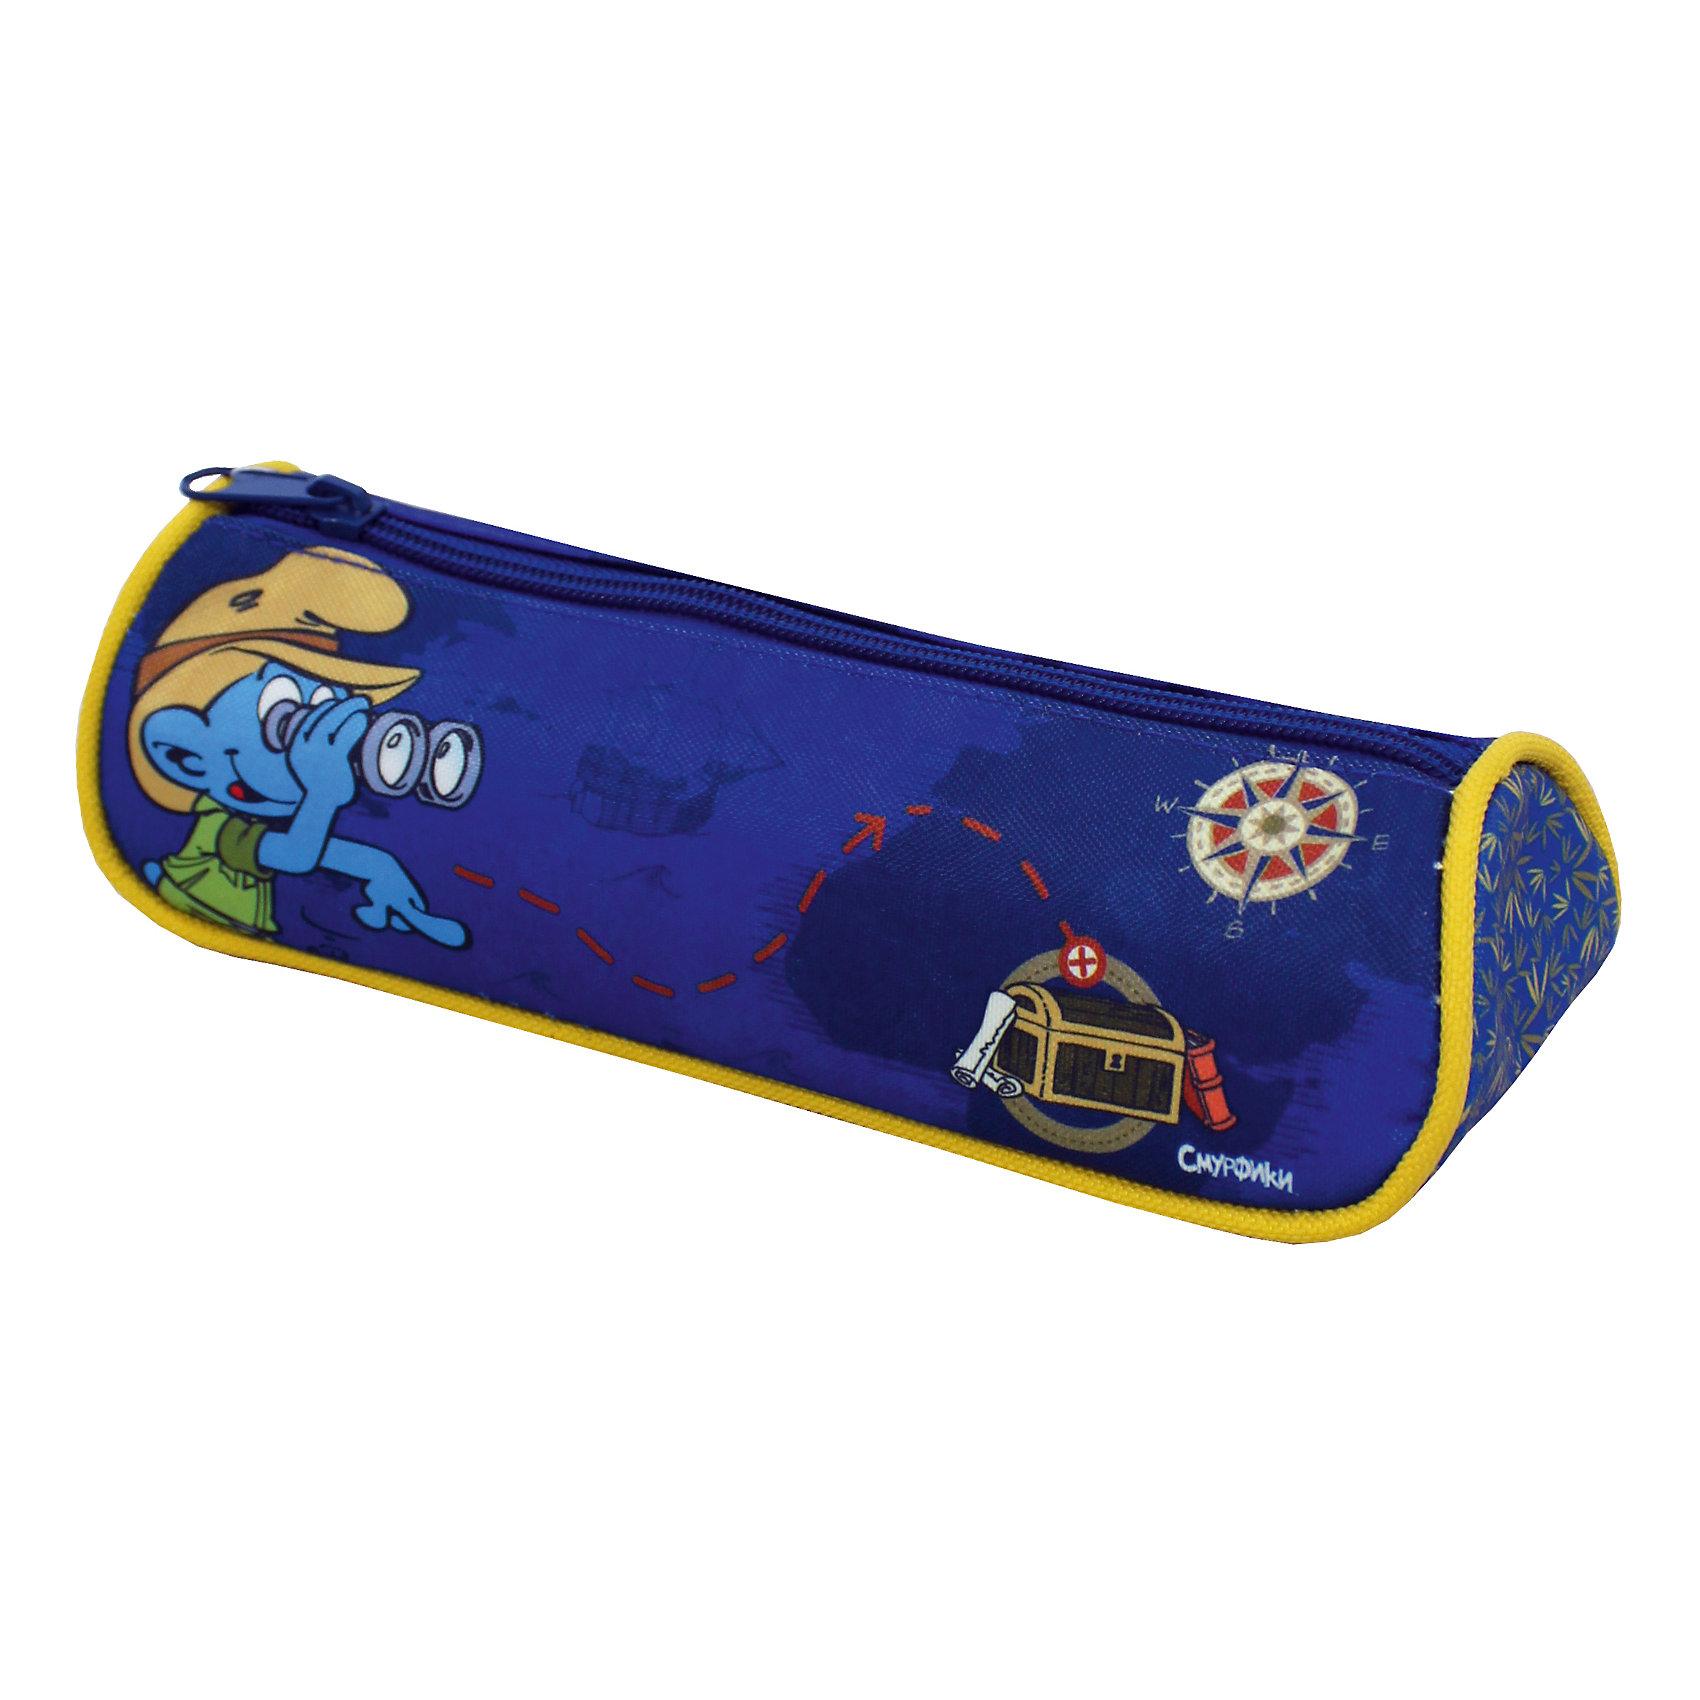 Пенал Компас, СмурфикиСмурфики<br>Стильный треугольный пенал Компас обязательно придется по душе вашему ребенку, ведь ходить в школу с таким привлекательным аксессуаром – одно удовольствие. В своем вместительном отделении на молнии он надежно сохранит все мелкие школьные принадлежности в целости и сохранности. Пенал, декорированный ярким принтом (сублимированной печатью), выполнен из износоустойчивой ткани с водонепроницаемой основой, поэтому служить будет долго.<br><br>Дополнительная информация:<br><br>- Материал: текстиль.<br>- Размер: 21х7х5,5 см.<br>- Цвет: синий. <br>- Количество отделений: 1.<br><br>Пенал Компас, Смурфики, можно купить в нашем магазине.<br><br>Ширина мм: 210<br>Глубина мм: 55<br>Высота мм: 70<br>Вес г: 97<br>Возраст от месяцев: 36<br>Возраст до месяцев: 108<br>Пол: Мужской<br>Возраст: Детский<br>SKU: 4074014